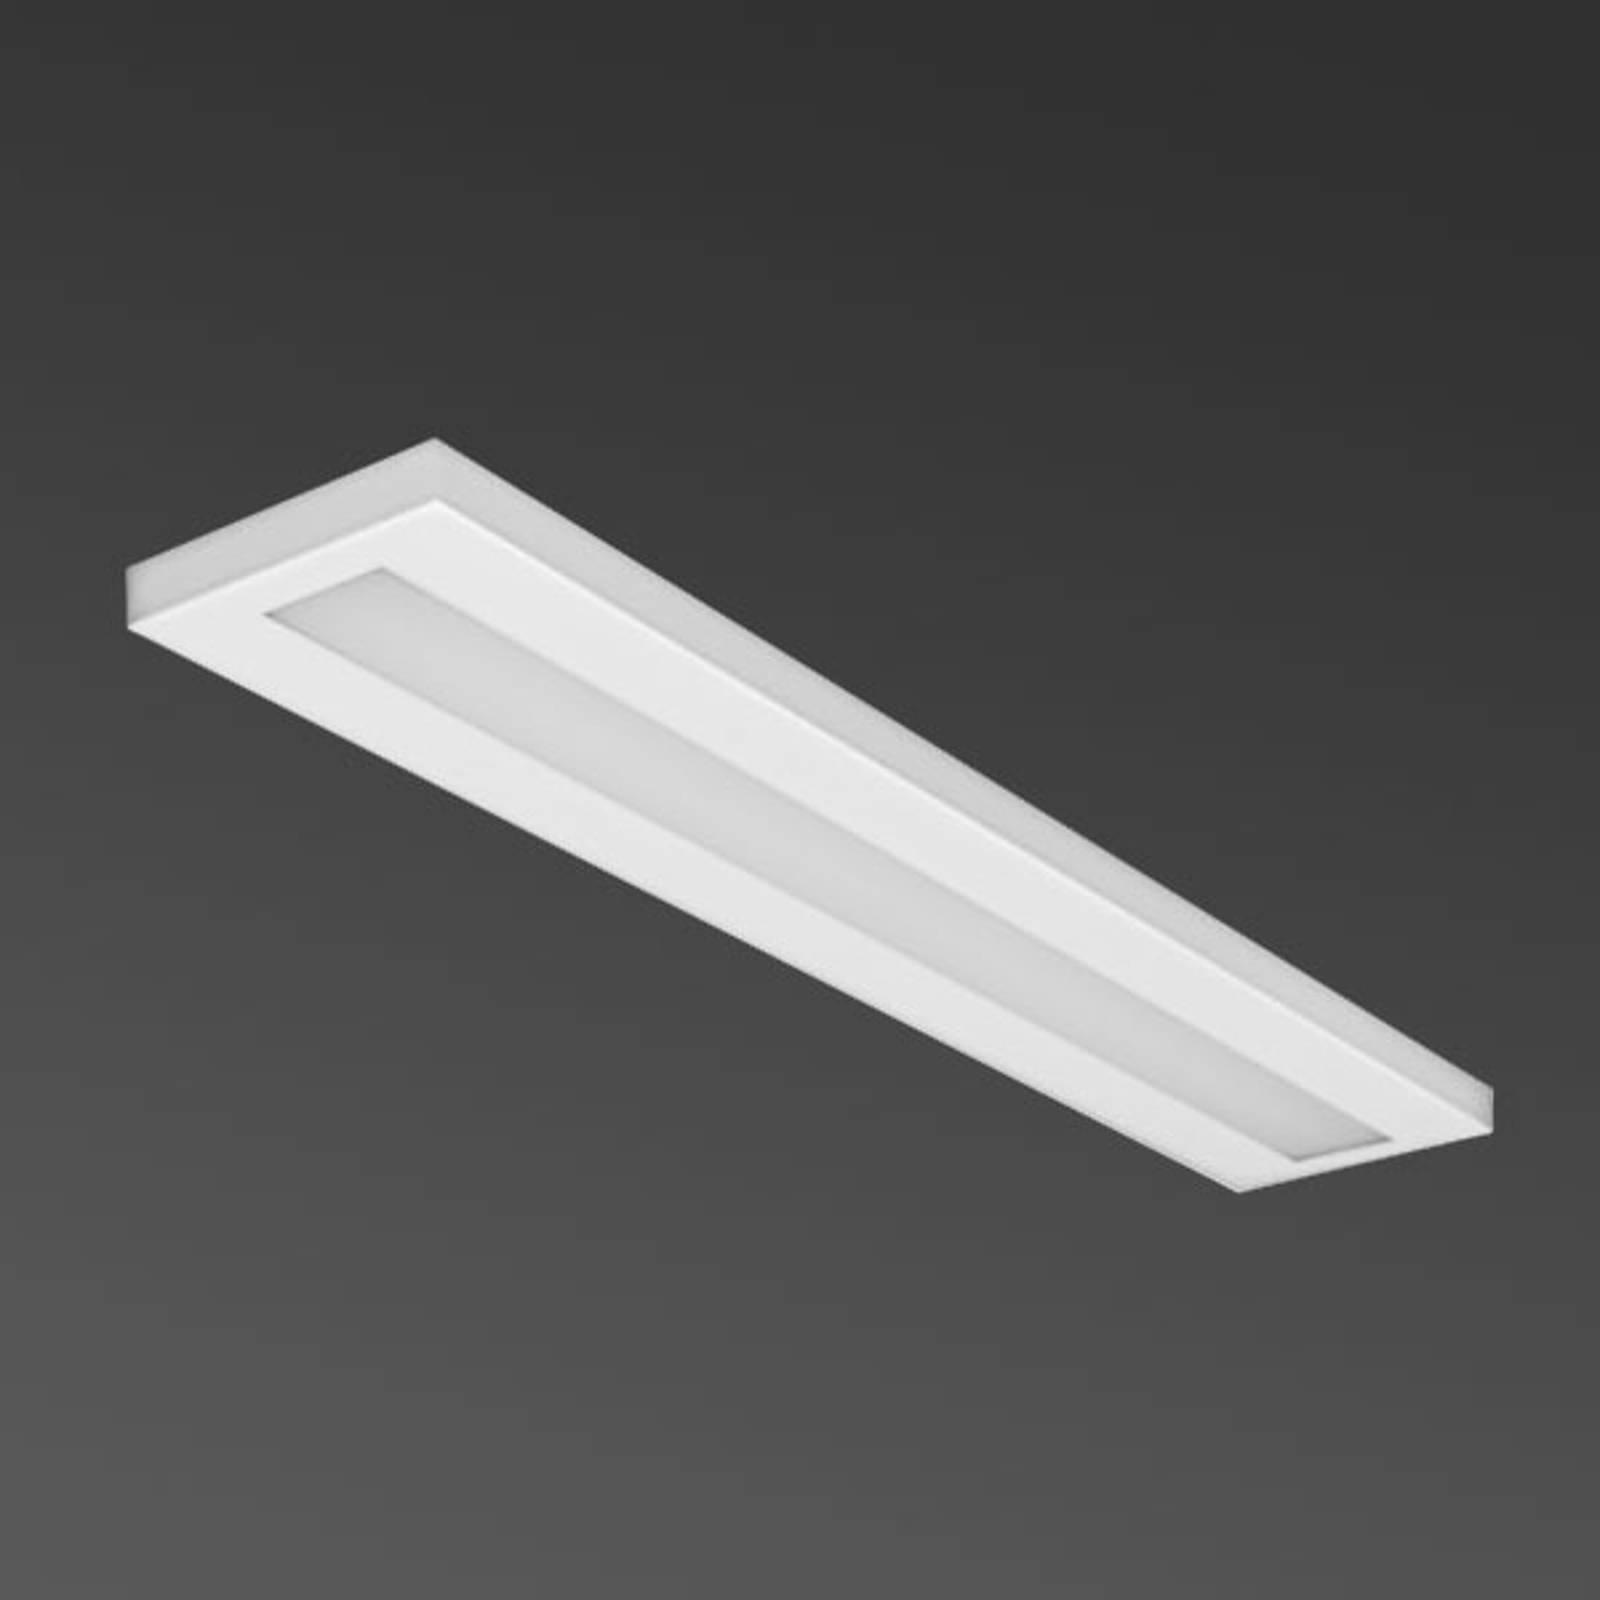 Applique LED en blanc, rectangulaire 48W 3000K